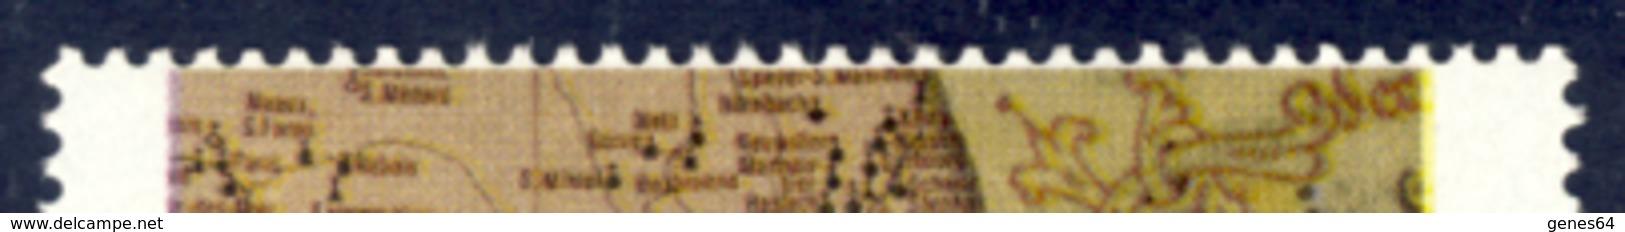 Lotto Di 3 Varieta' Con Dentellatura Spostata A Filo Di Immagini E Scritte - Nuovi MNH**- 4 Immagini - 6. 1946-.. República